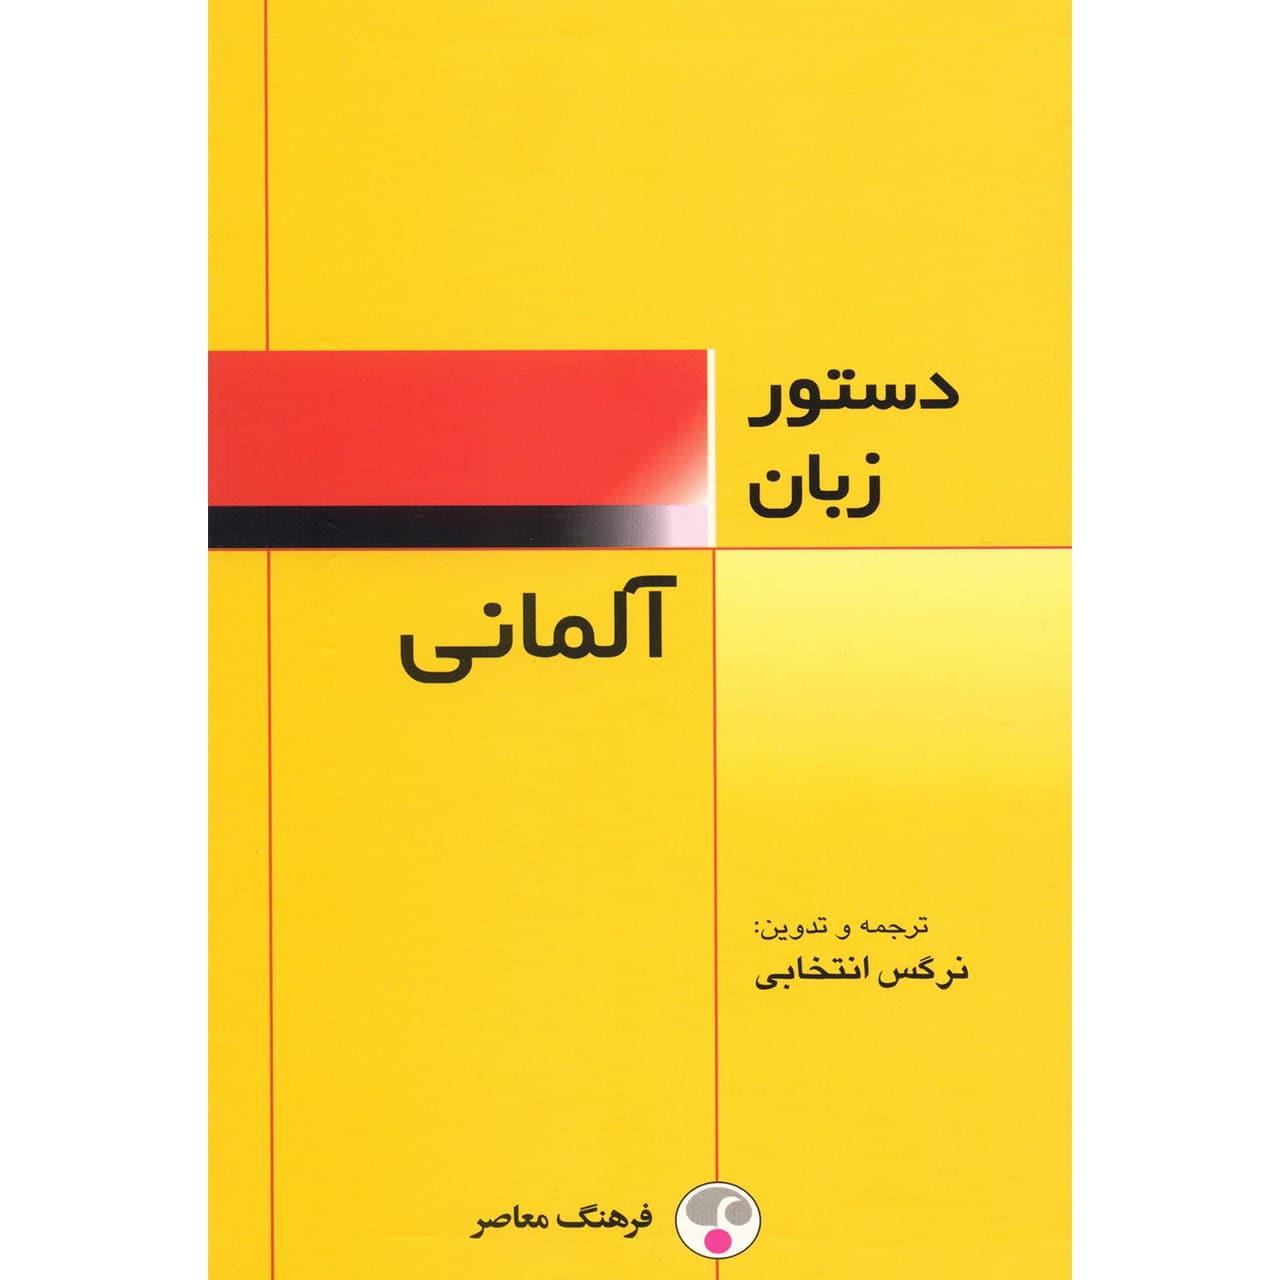 خرید کتاب پرفروش دستور زبان آلمانی (انتشارات فرهنگ معاصر)